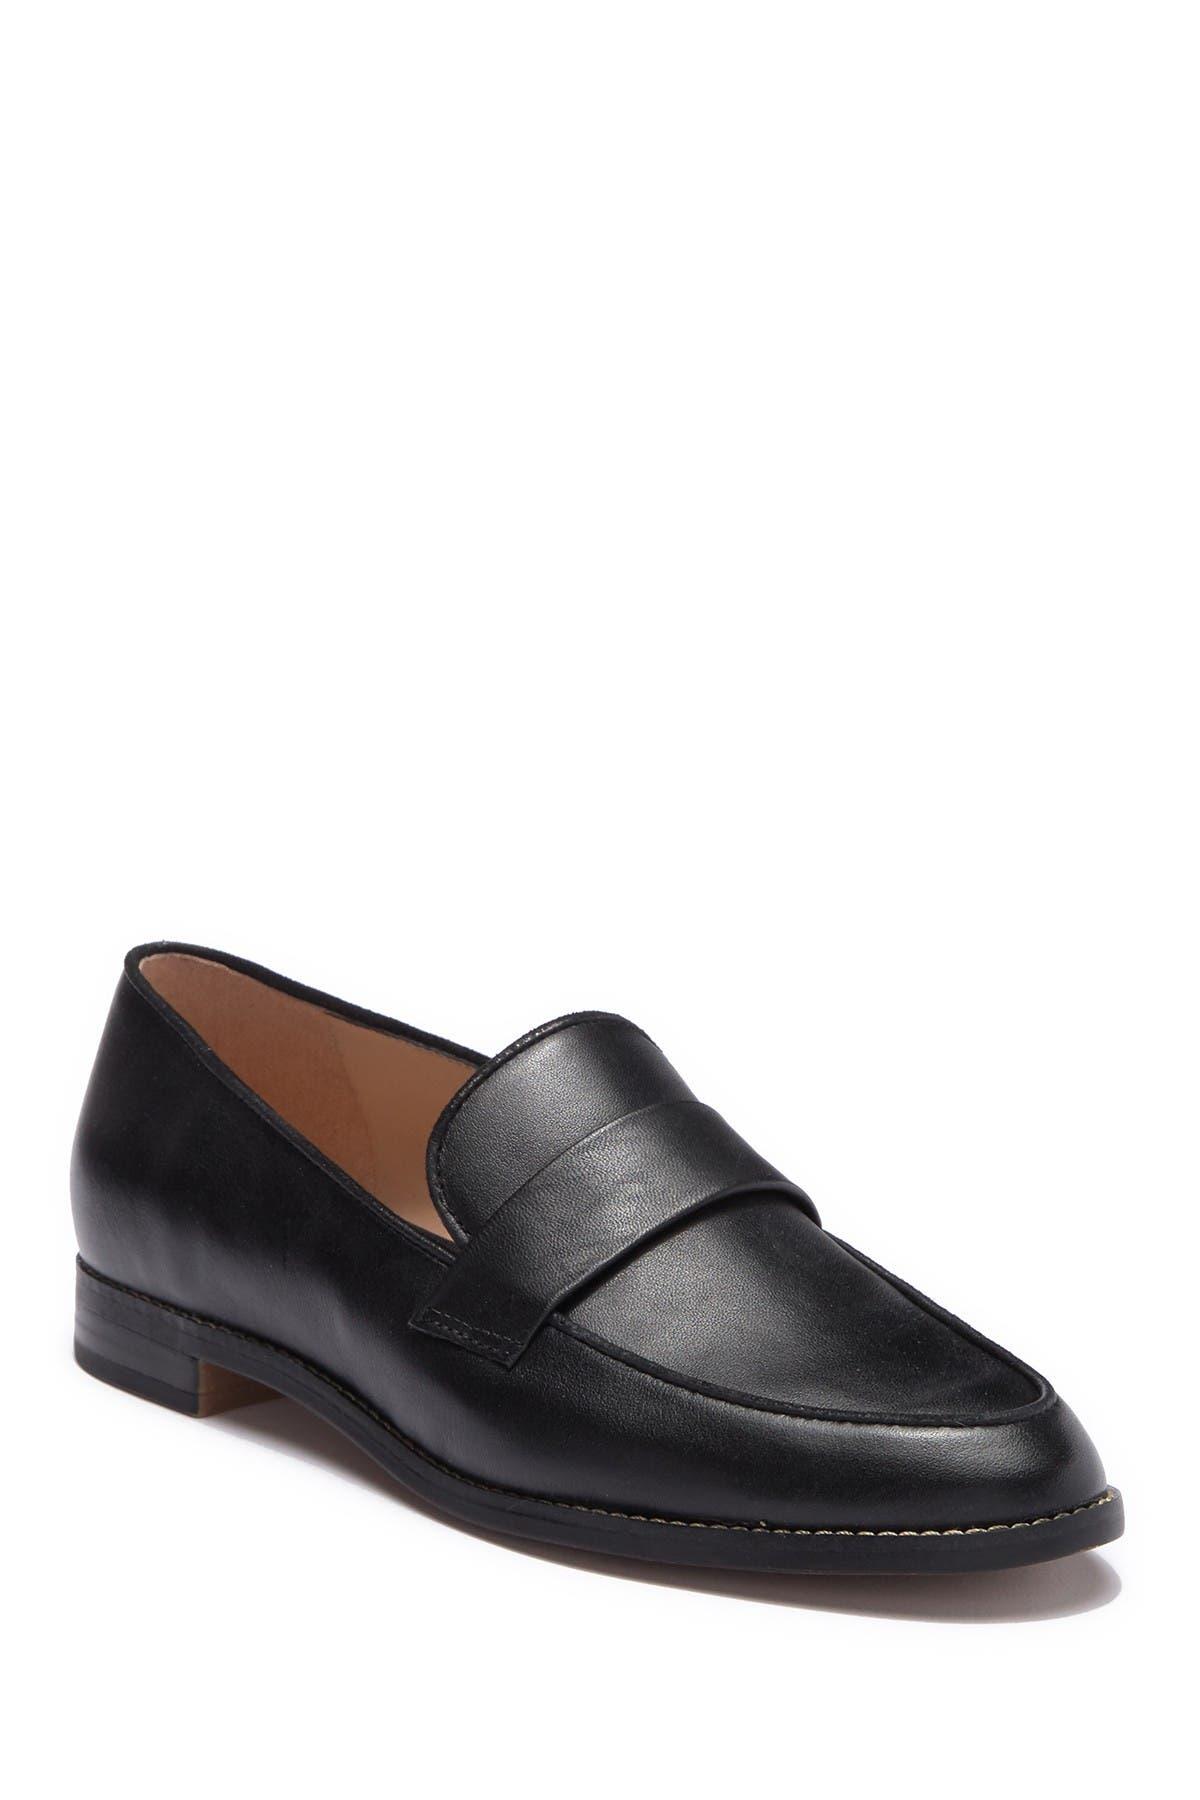 Franco Sarto | Hudley Leather Loafer